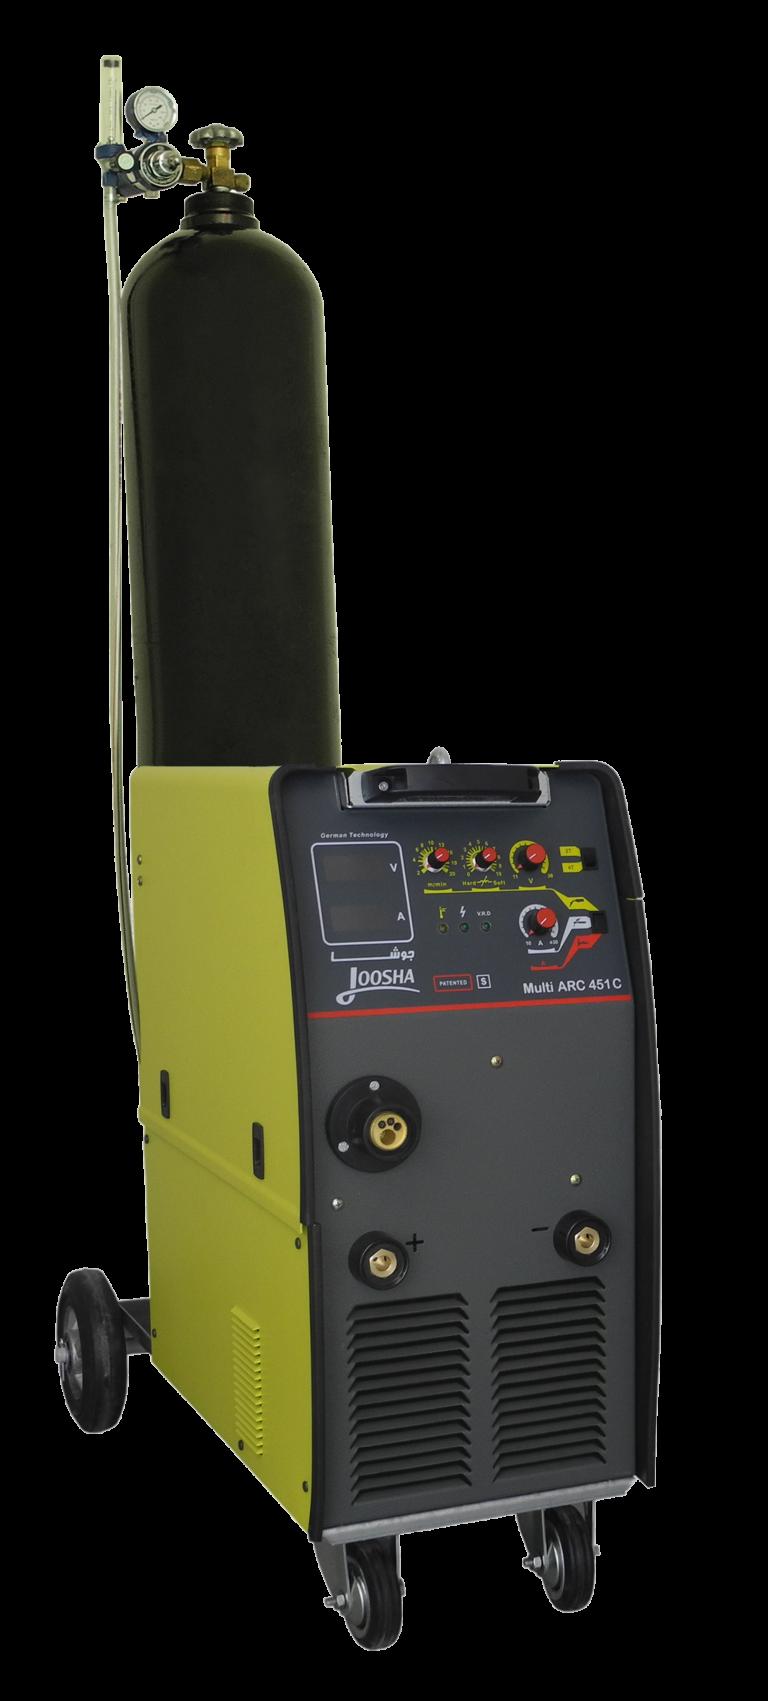 دستگاه چندکاره اینورتری مدل MULTI ARC 451C هوا خنک